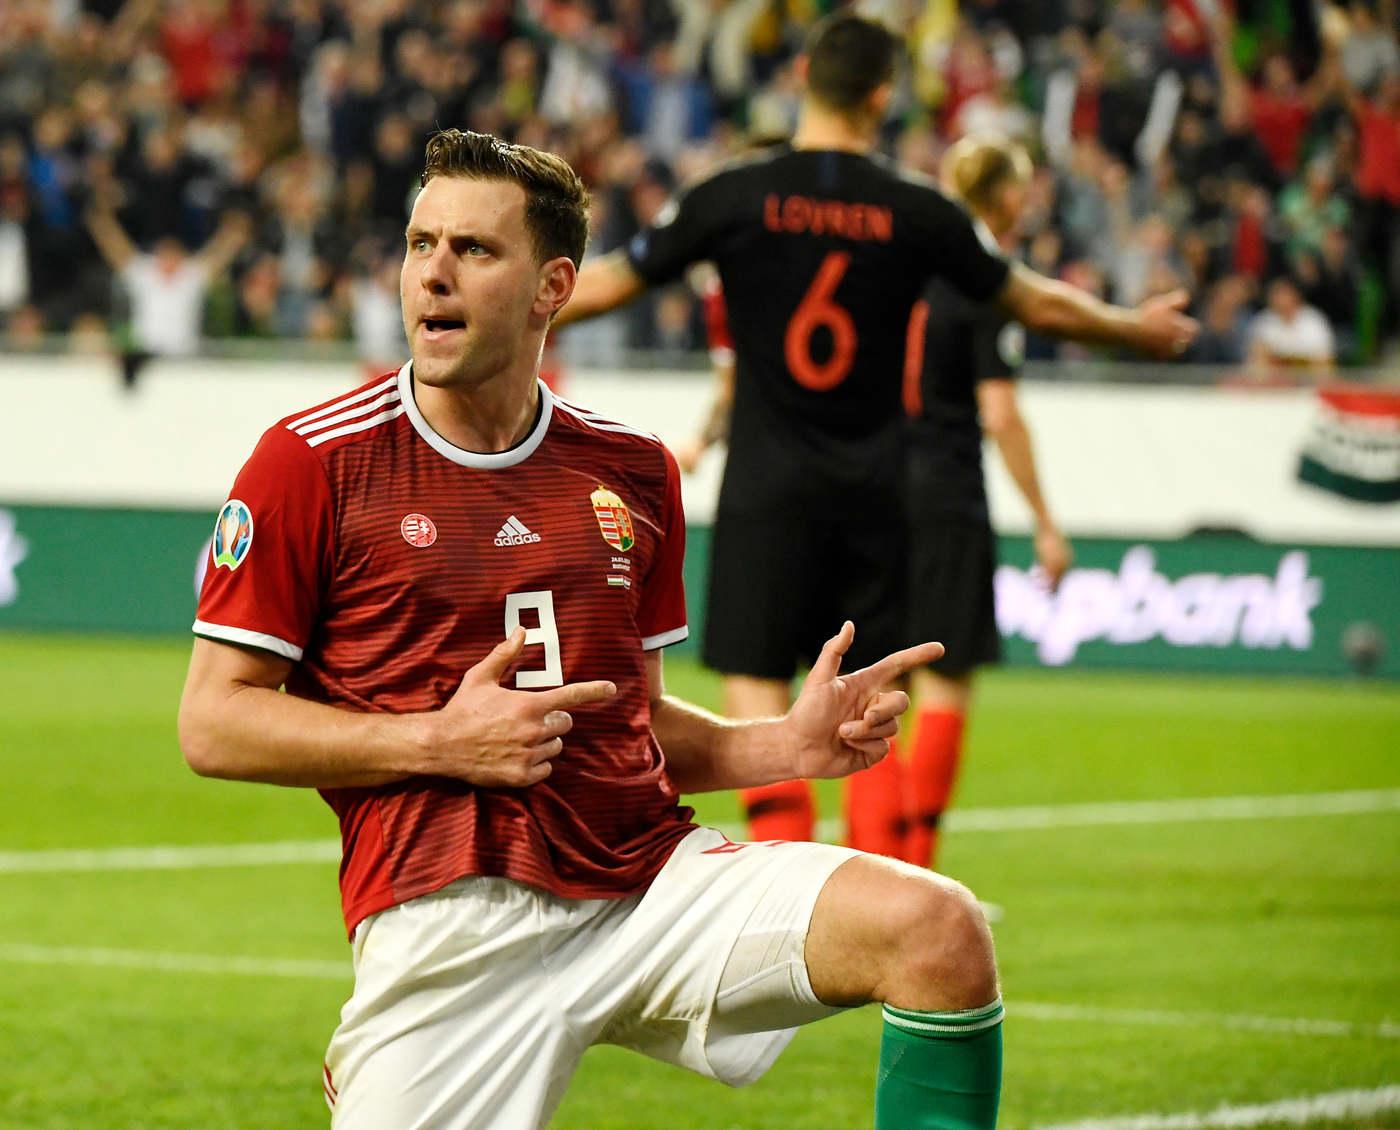 Március: Amire senki nem gondolt volna: a magyar fociválogatott Szalai Ádám góljának is köszönhetően 2-1-re legyőzte a világbajnoki ezüstérmes Horvátországot. Walest is legyűrtük a selejtezőn, de az Eb-re egyelőre így sem jutottunk még ki.